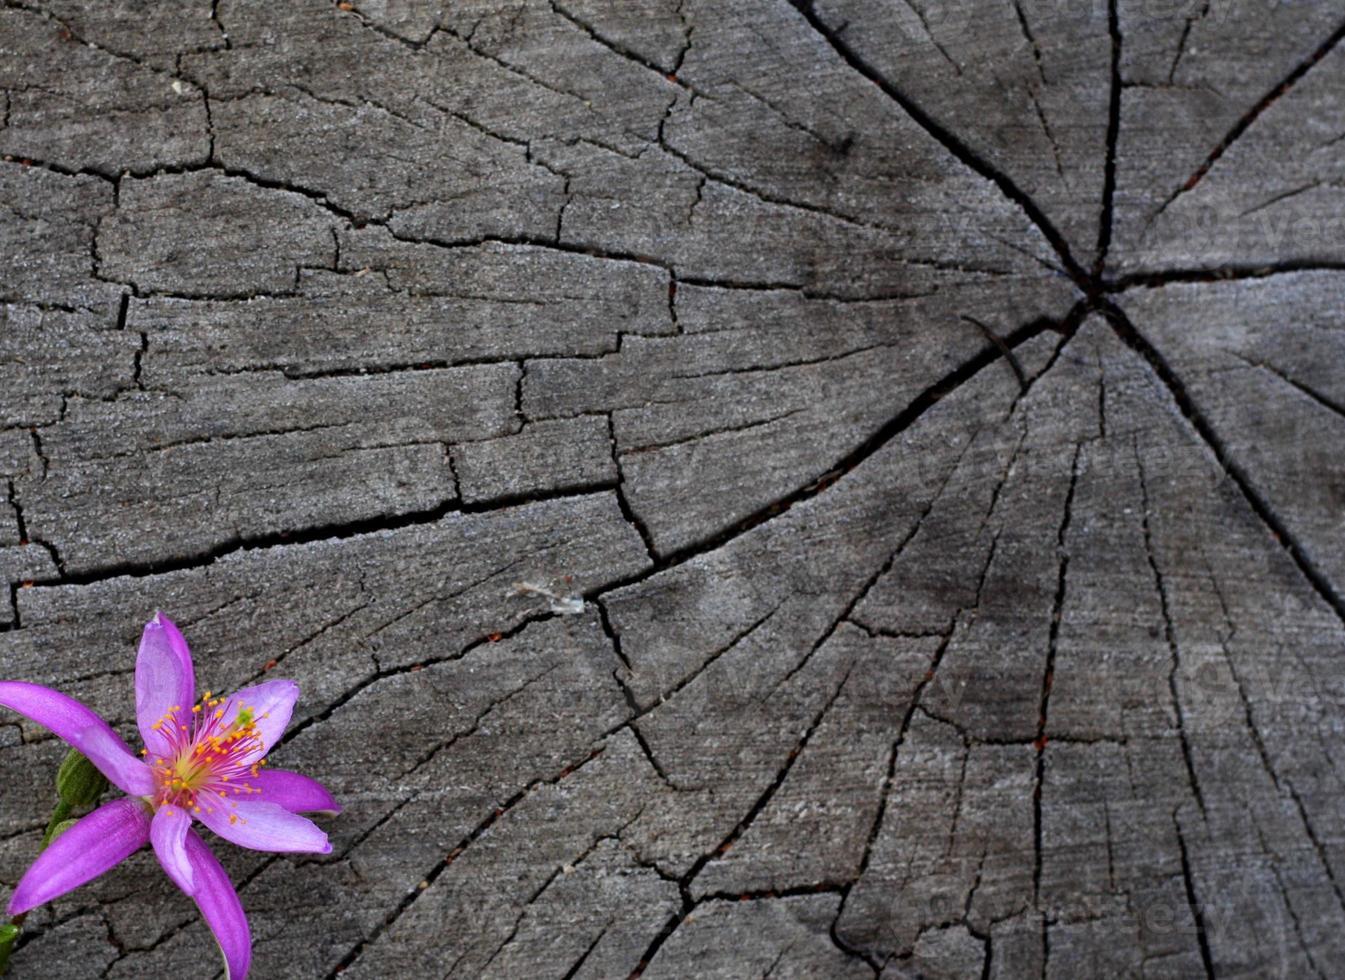 rosa blomma i hörn av stubben foto